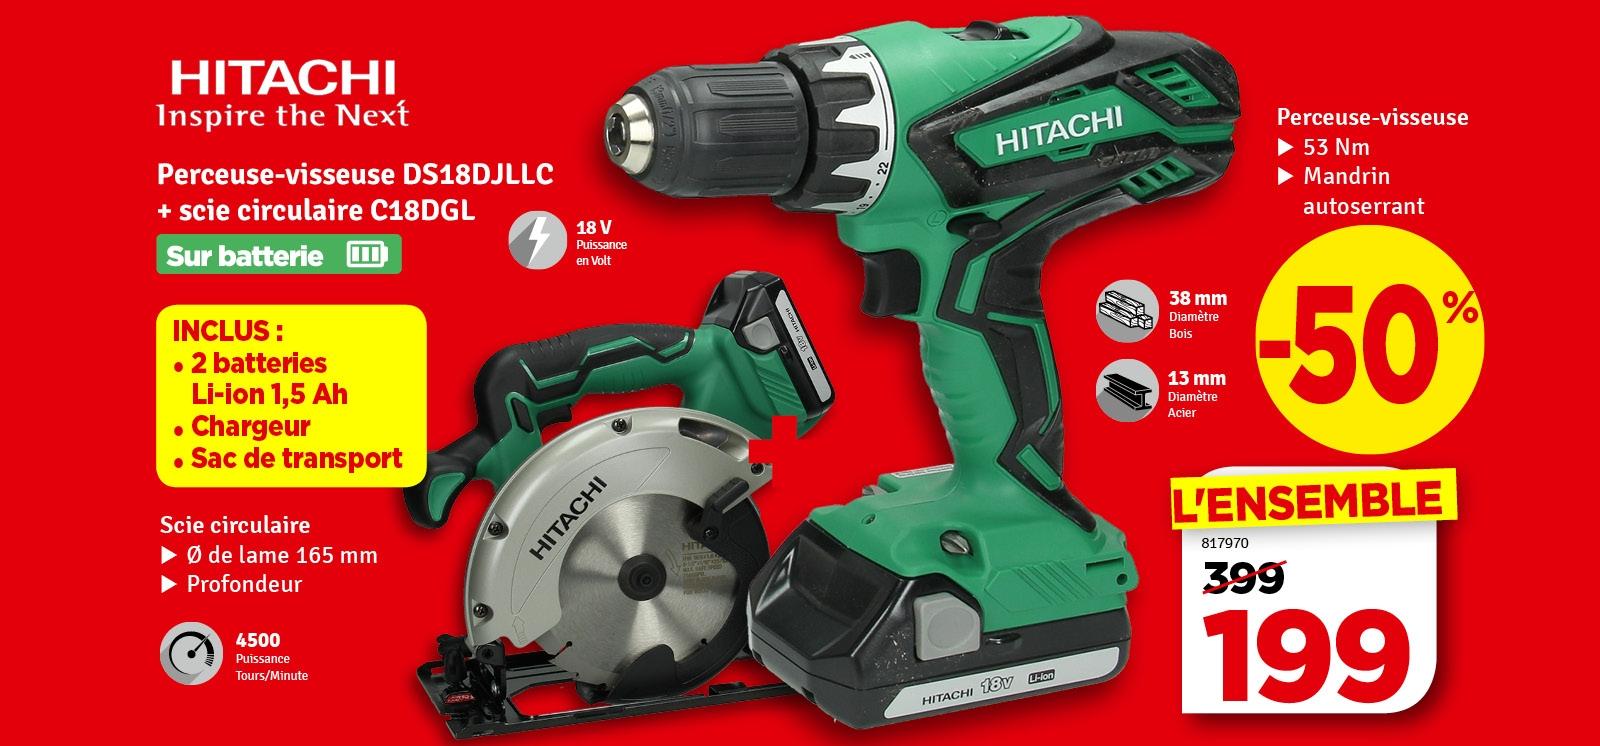 Promo - Pack perceuse visseuse avec scie circulaire sur batterie HITACHI